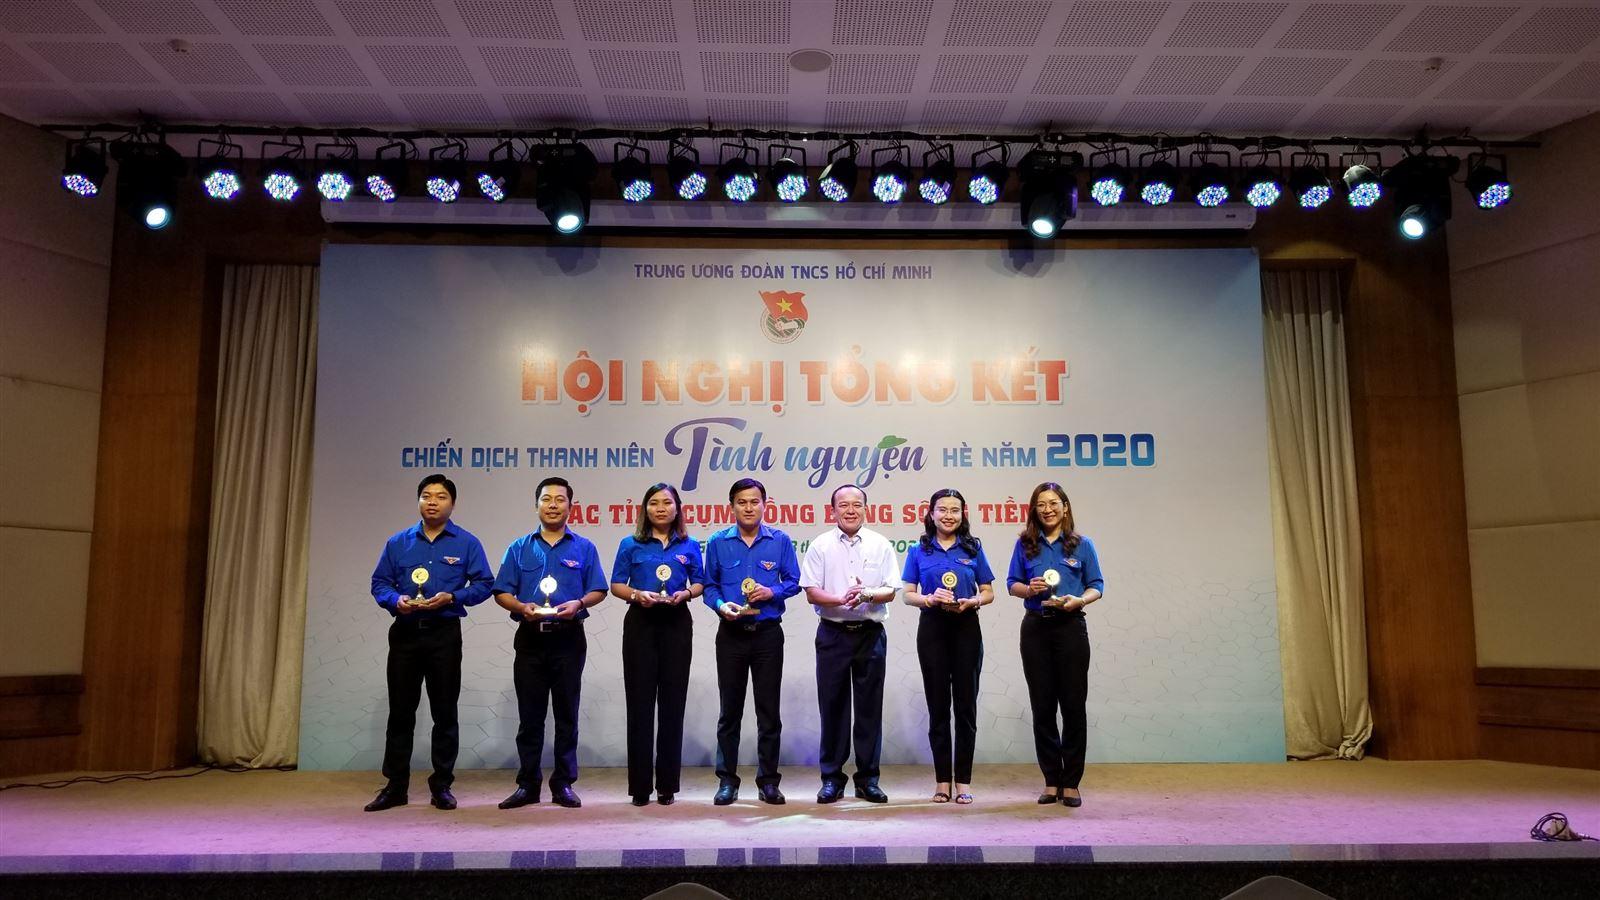 Hội nghị tổng kết Chiến dịch TNTN Hè năm 2020 - Các tỉnh cụm Đồng bằng sông Tiền